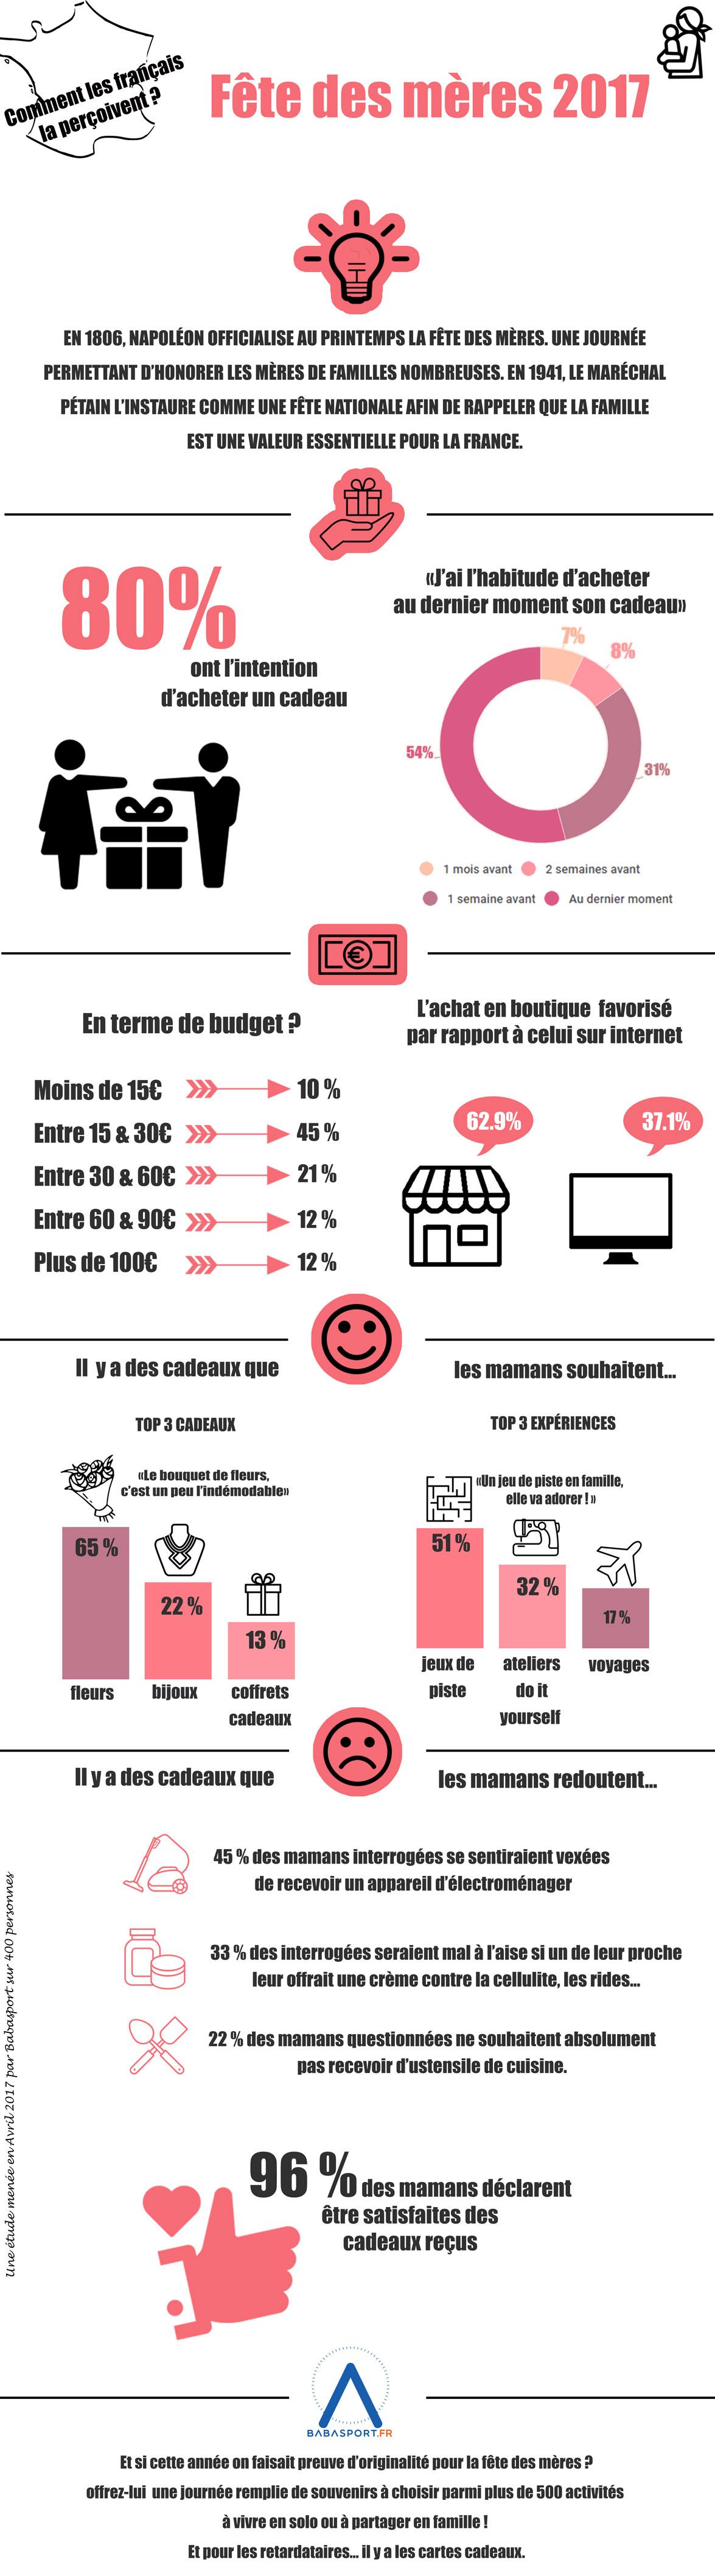 Infographie-fête-des-mères-2017